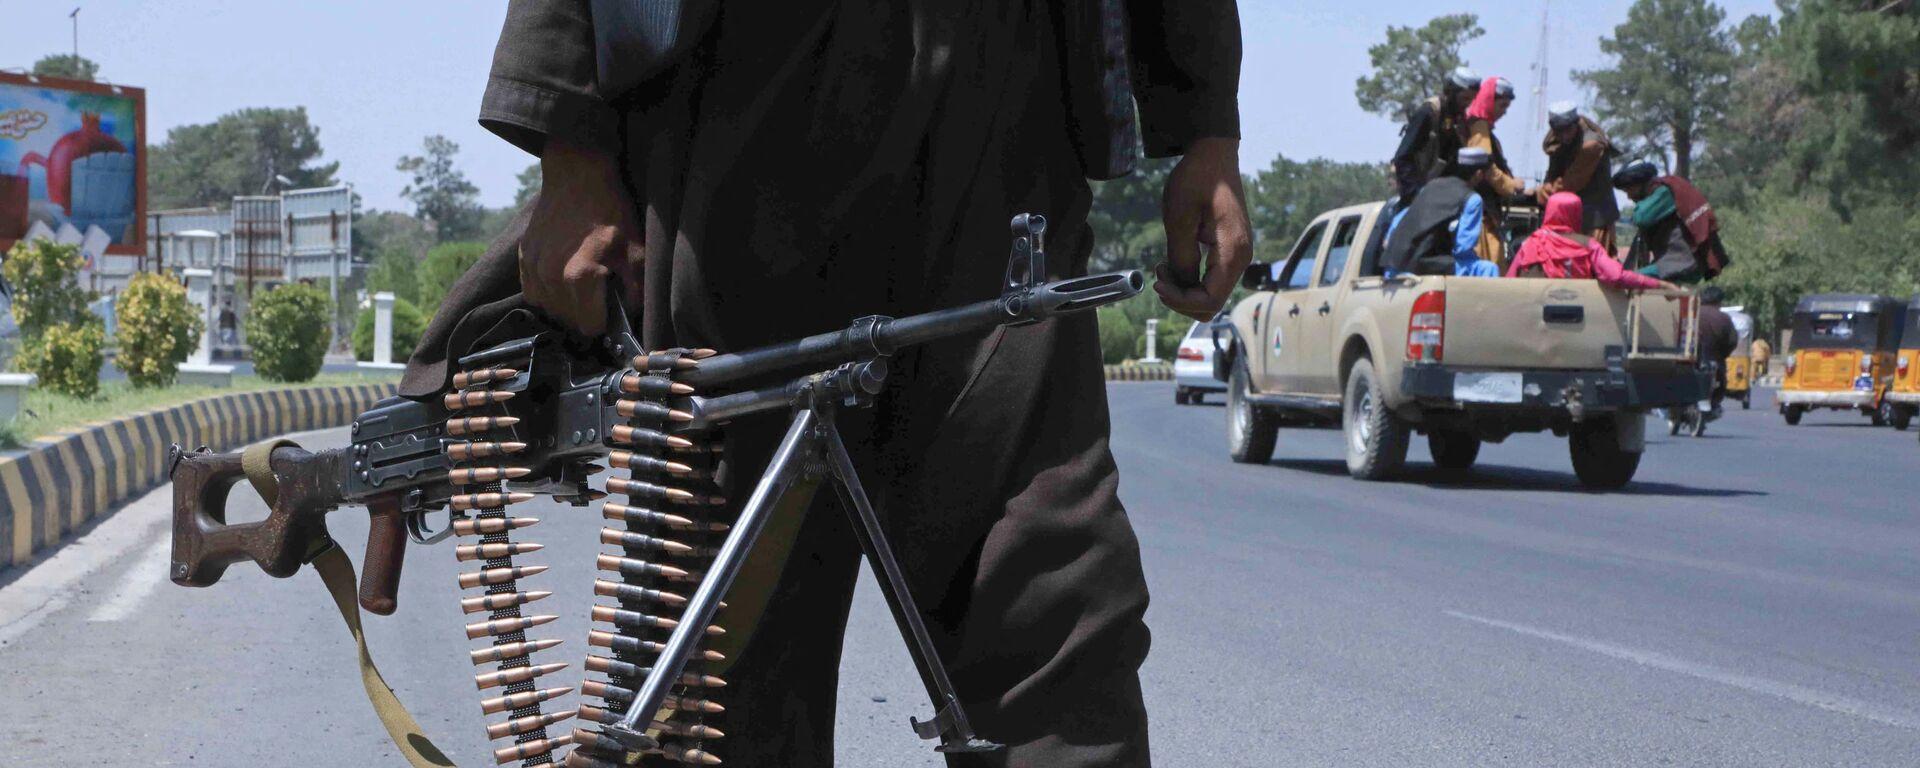 Bojownik Talibanu* na ulicy w afgańskim mieście Herat - Sputnik Polska, 1920, 21.08.2021